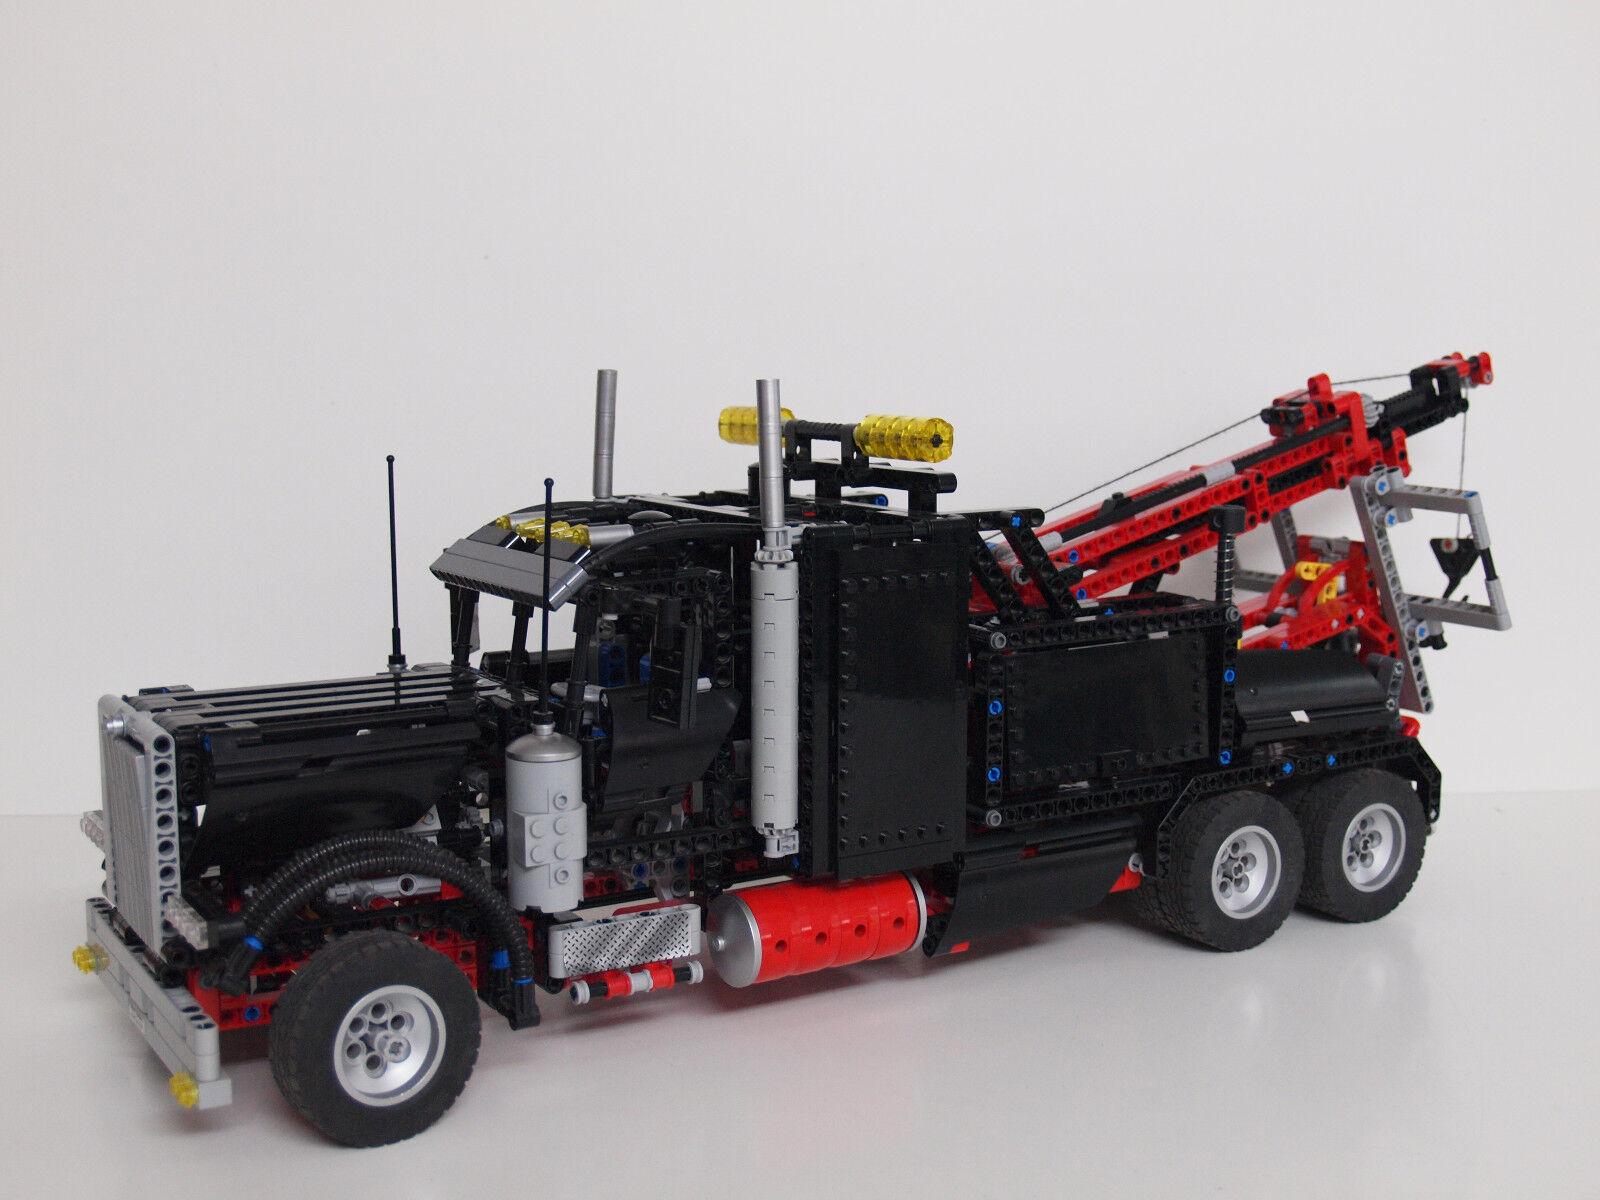 LEGO Technik großer schwarzer Abschlepptruck  LKW (8285) von 2006 2 in 1